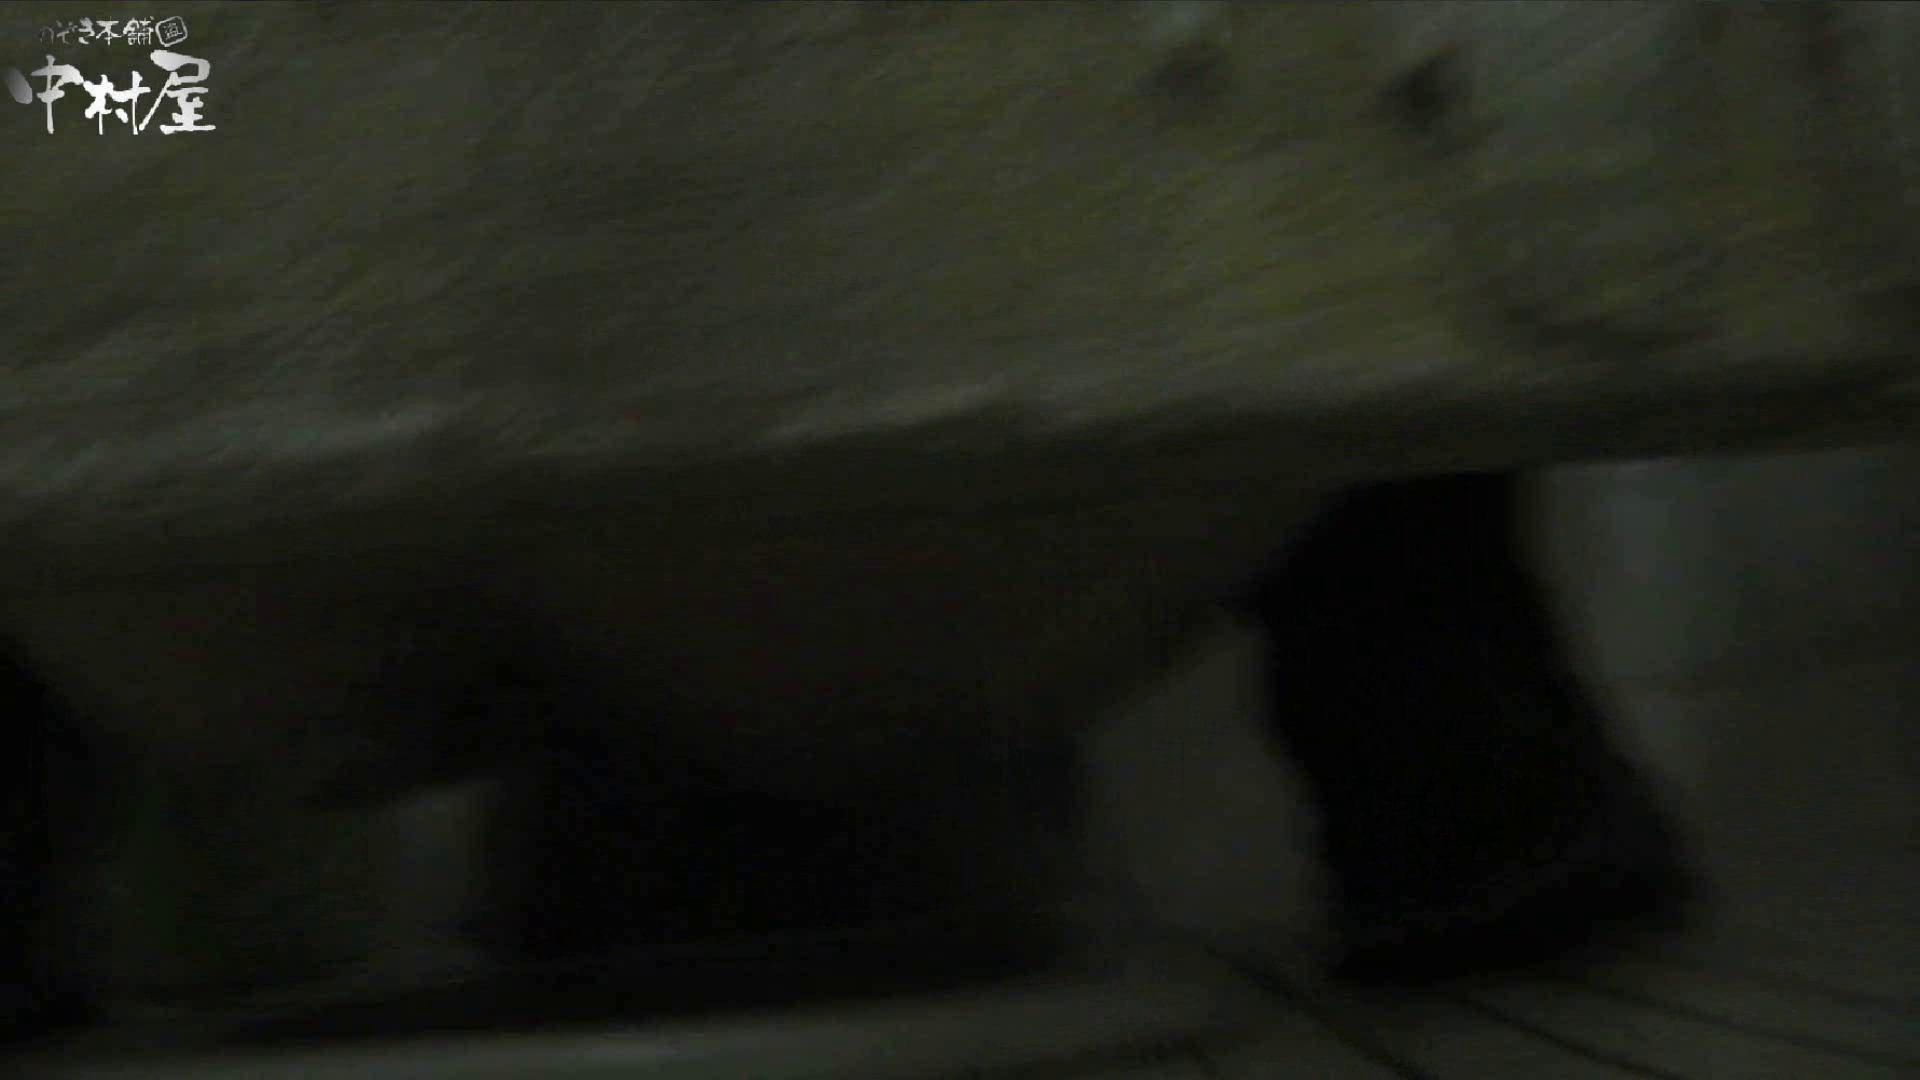 vol.44 命がけ潜伏洗面所! ツインテール(゚∀゚)キタコレ!! 潜入 のぞき動画キャプチャ 77PIX 53